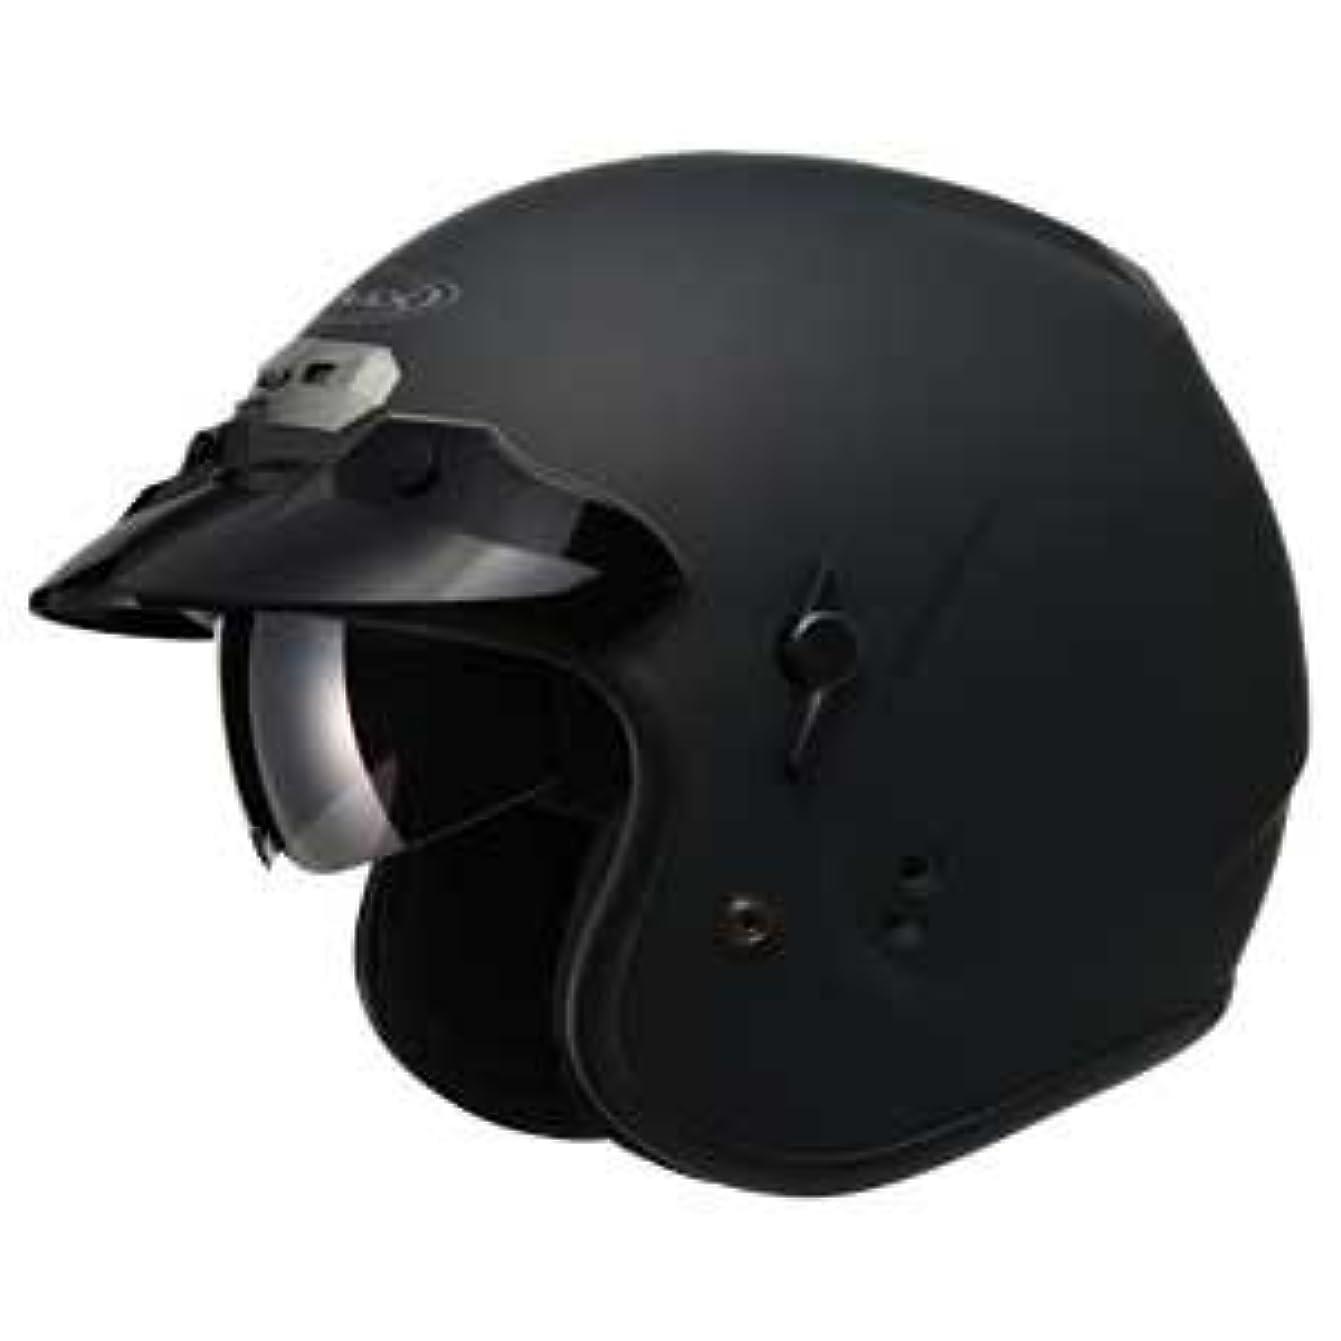 行うカールワイプGMAX ジーマックス GM32 OPEN FACE Helmet ヘルメット フラットブラック XXL(63~64cm)